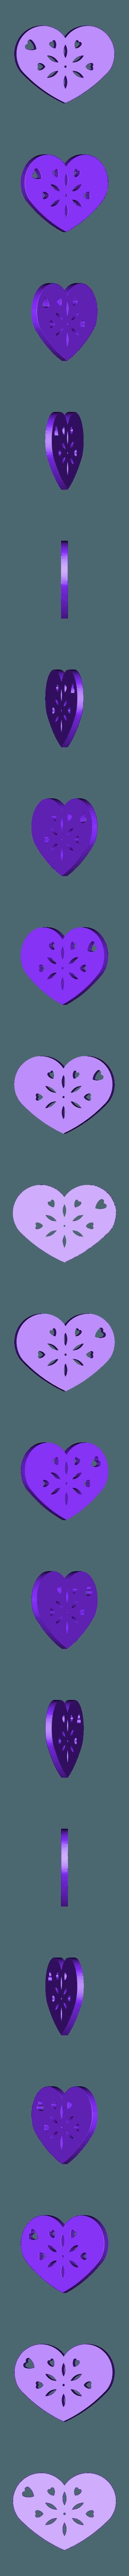 Plate Heart_8.STL Télécharger fichier STL Symbole de la plaque de coeur n°8 • Plan pour impression 3D, Tum